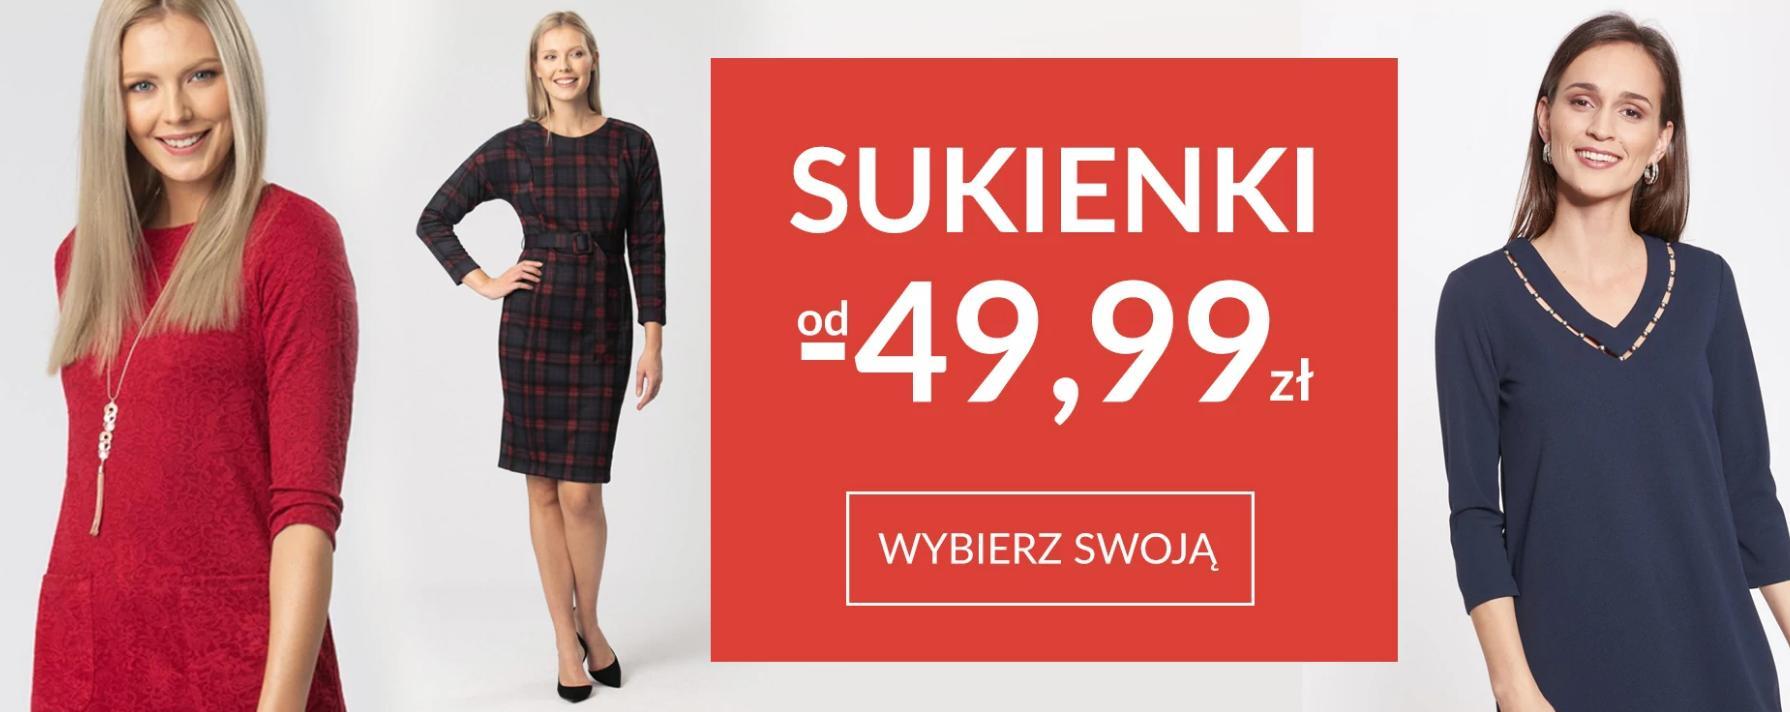 Quiosque Quiosque: sukienki od 49,99 zł